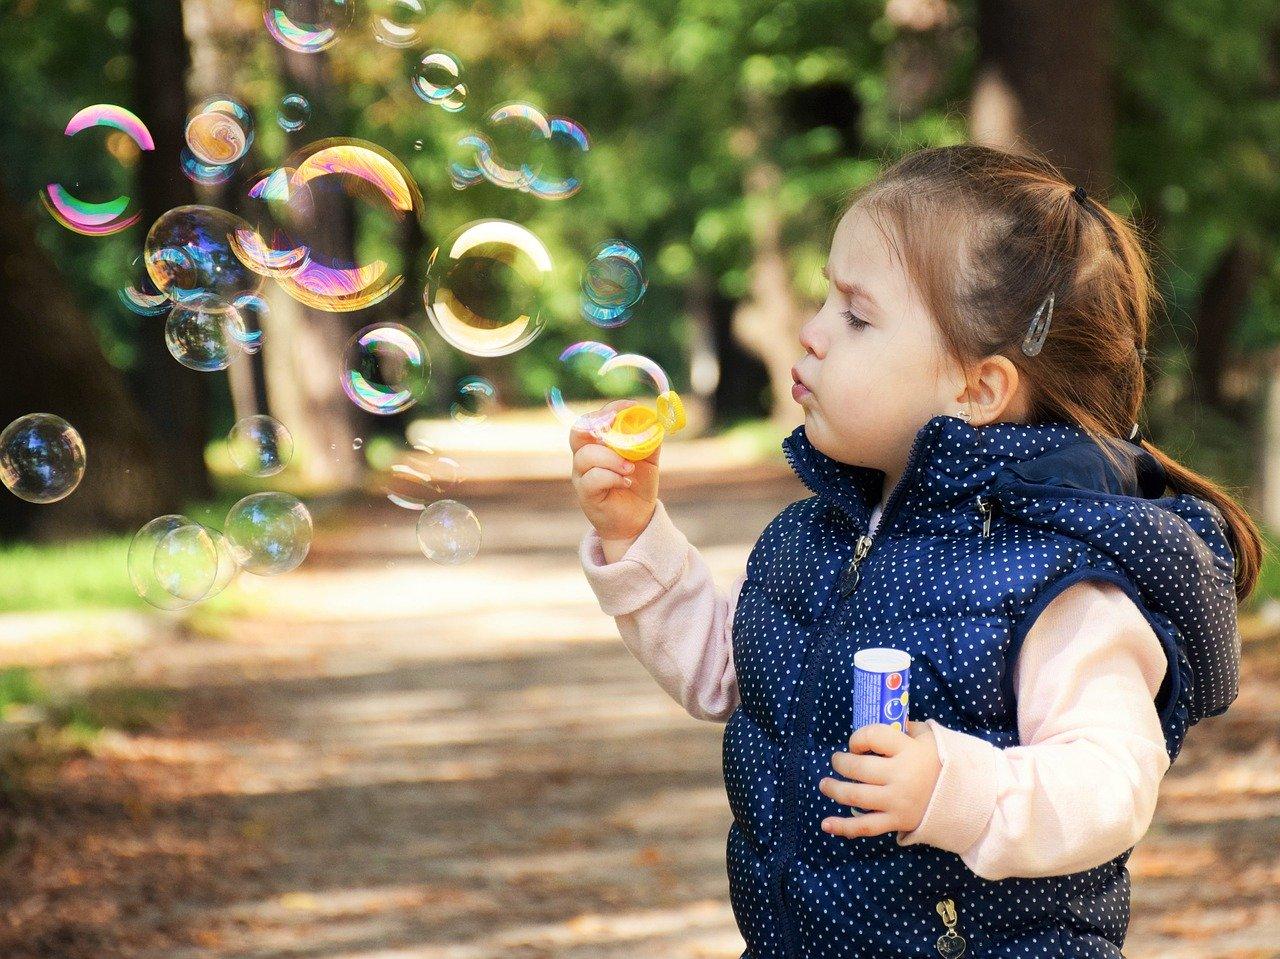 Wybieraj produkty stworzone specjalnie do skóry dziecka